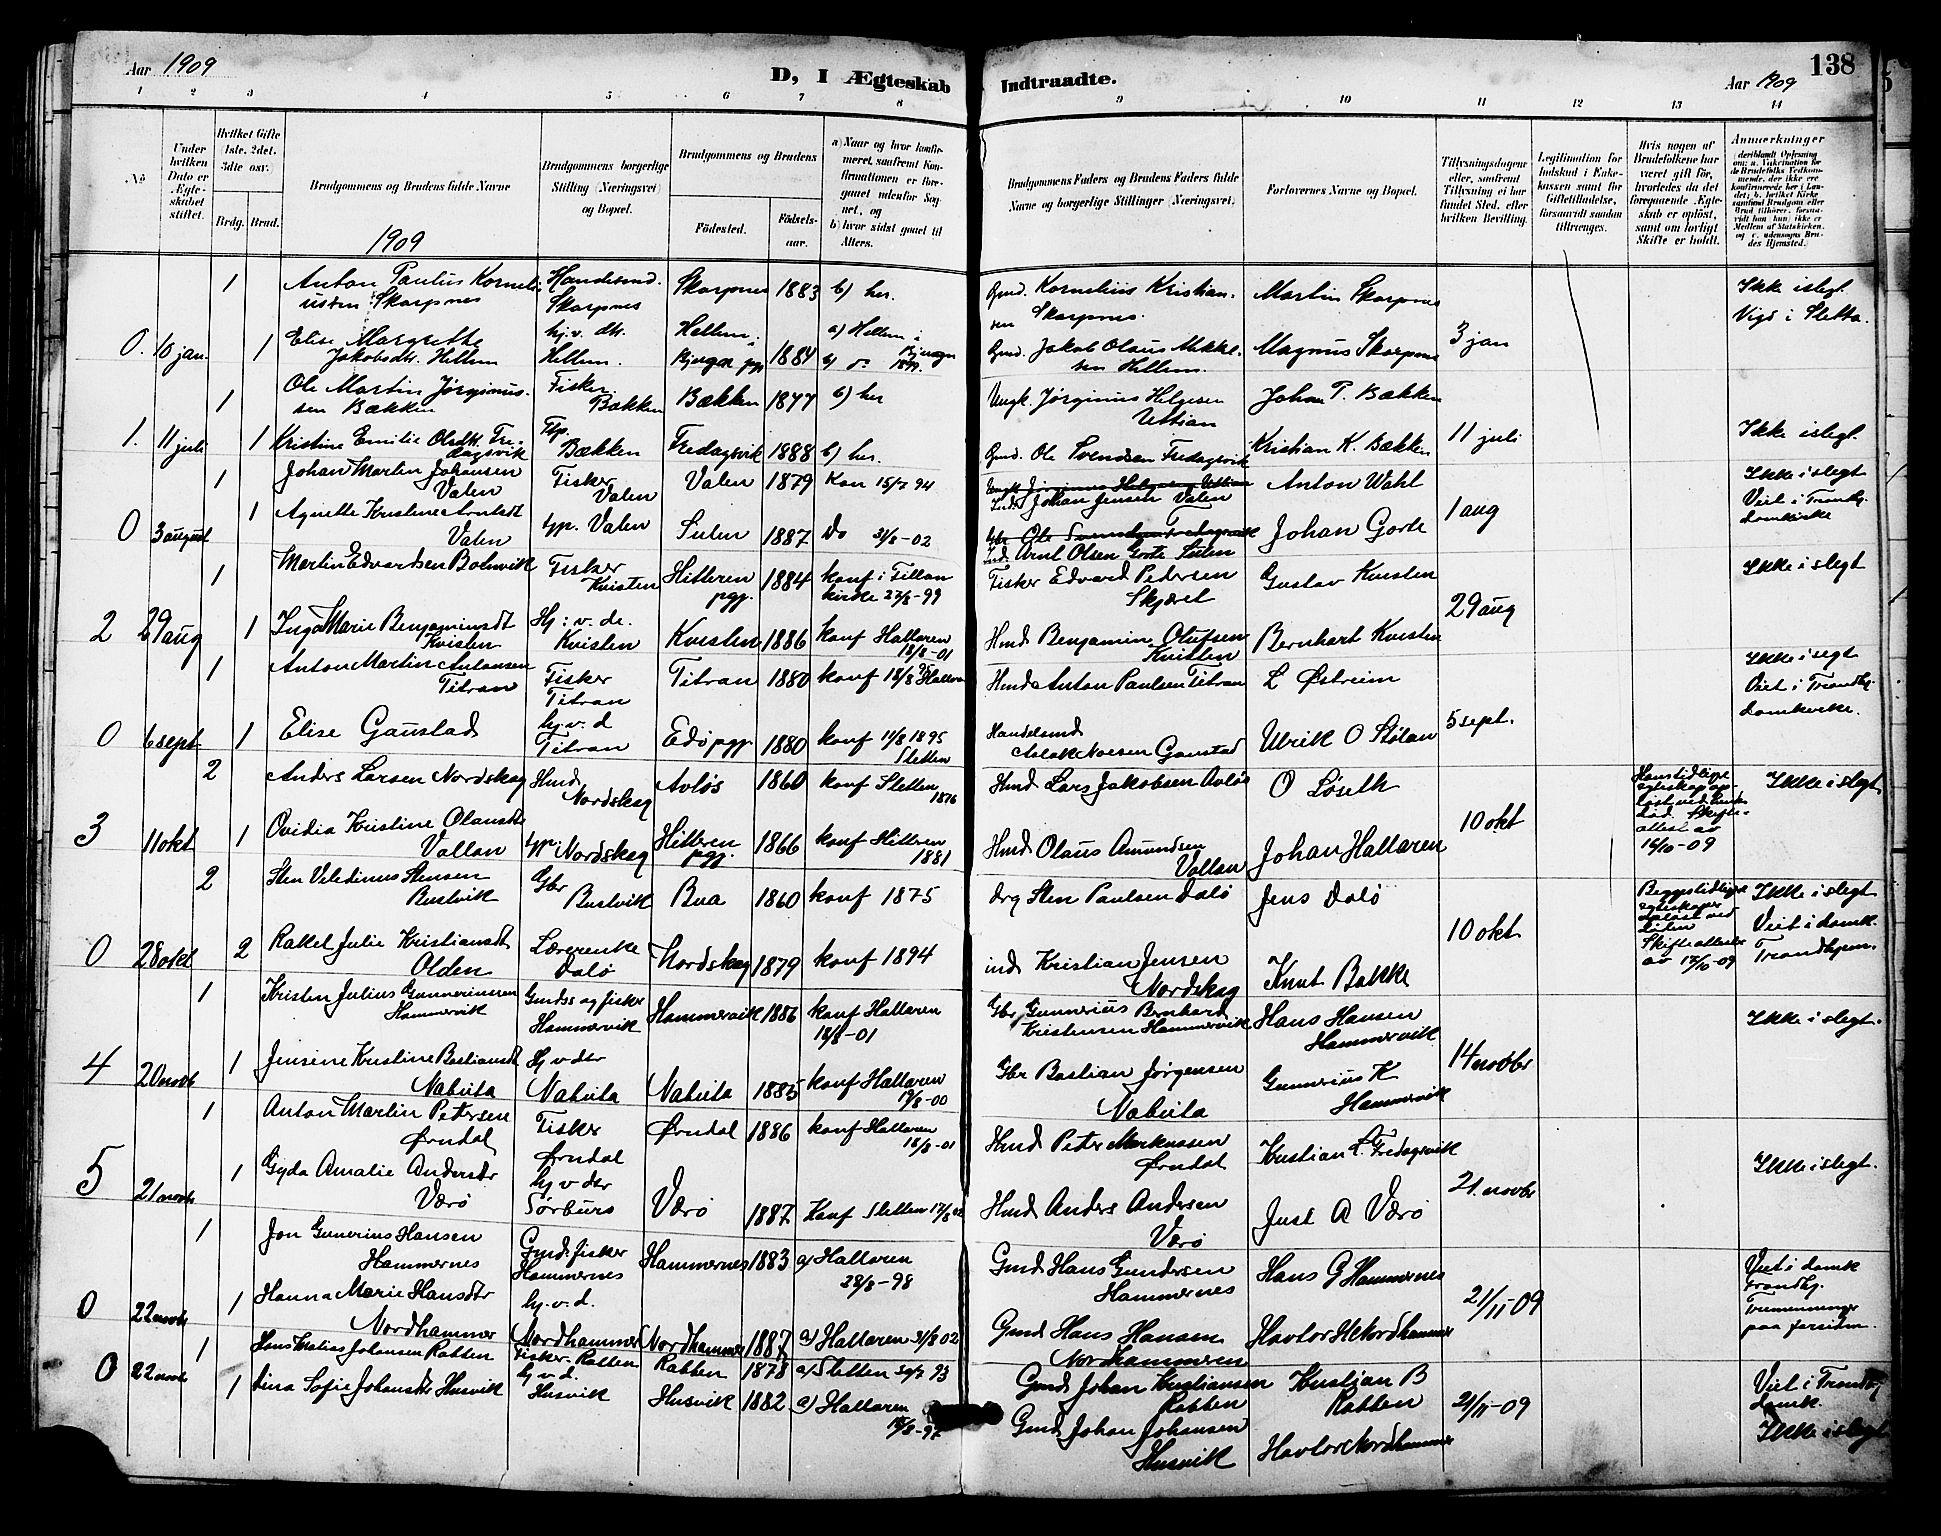 SAT, Ministerialprotokoller, klokkerbøker og fødselsregistre - Sør-Trøndelag, 641/L0598: Klokkerbok nr. 641C02, 1893-1910, s. 138